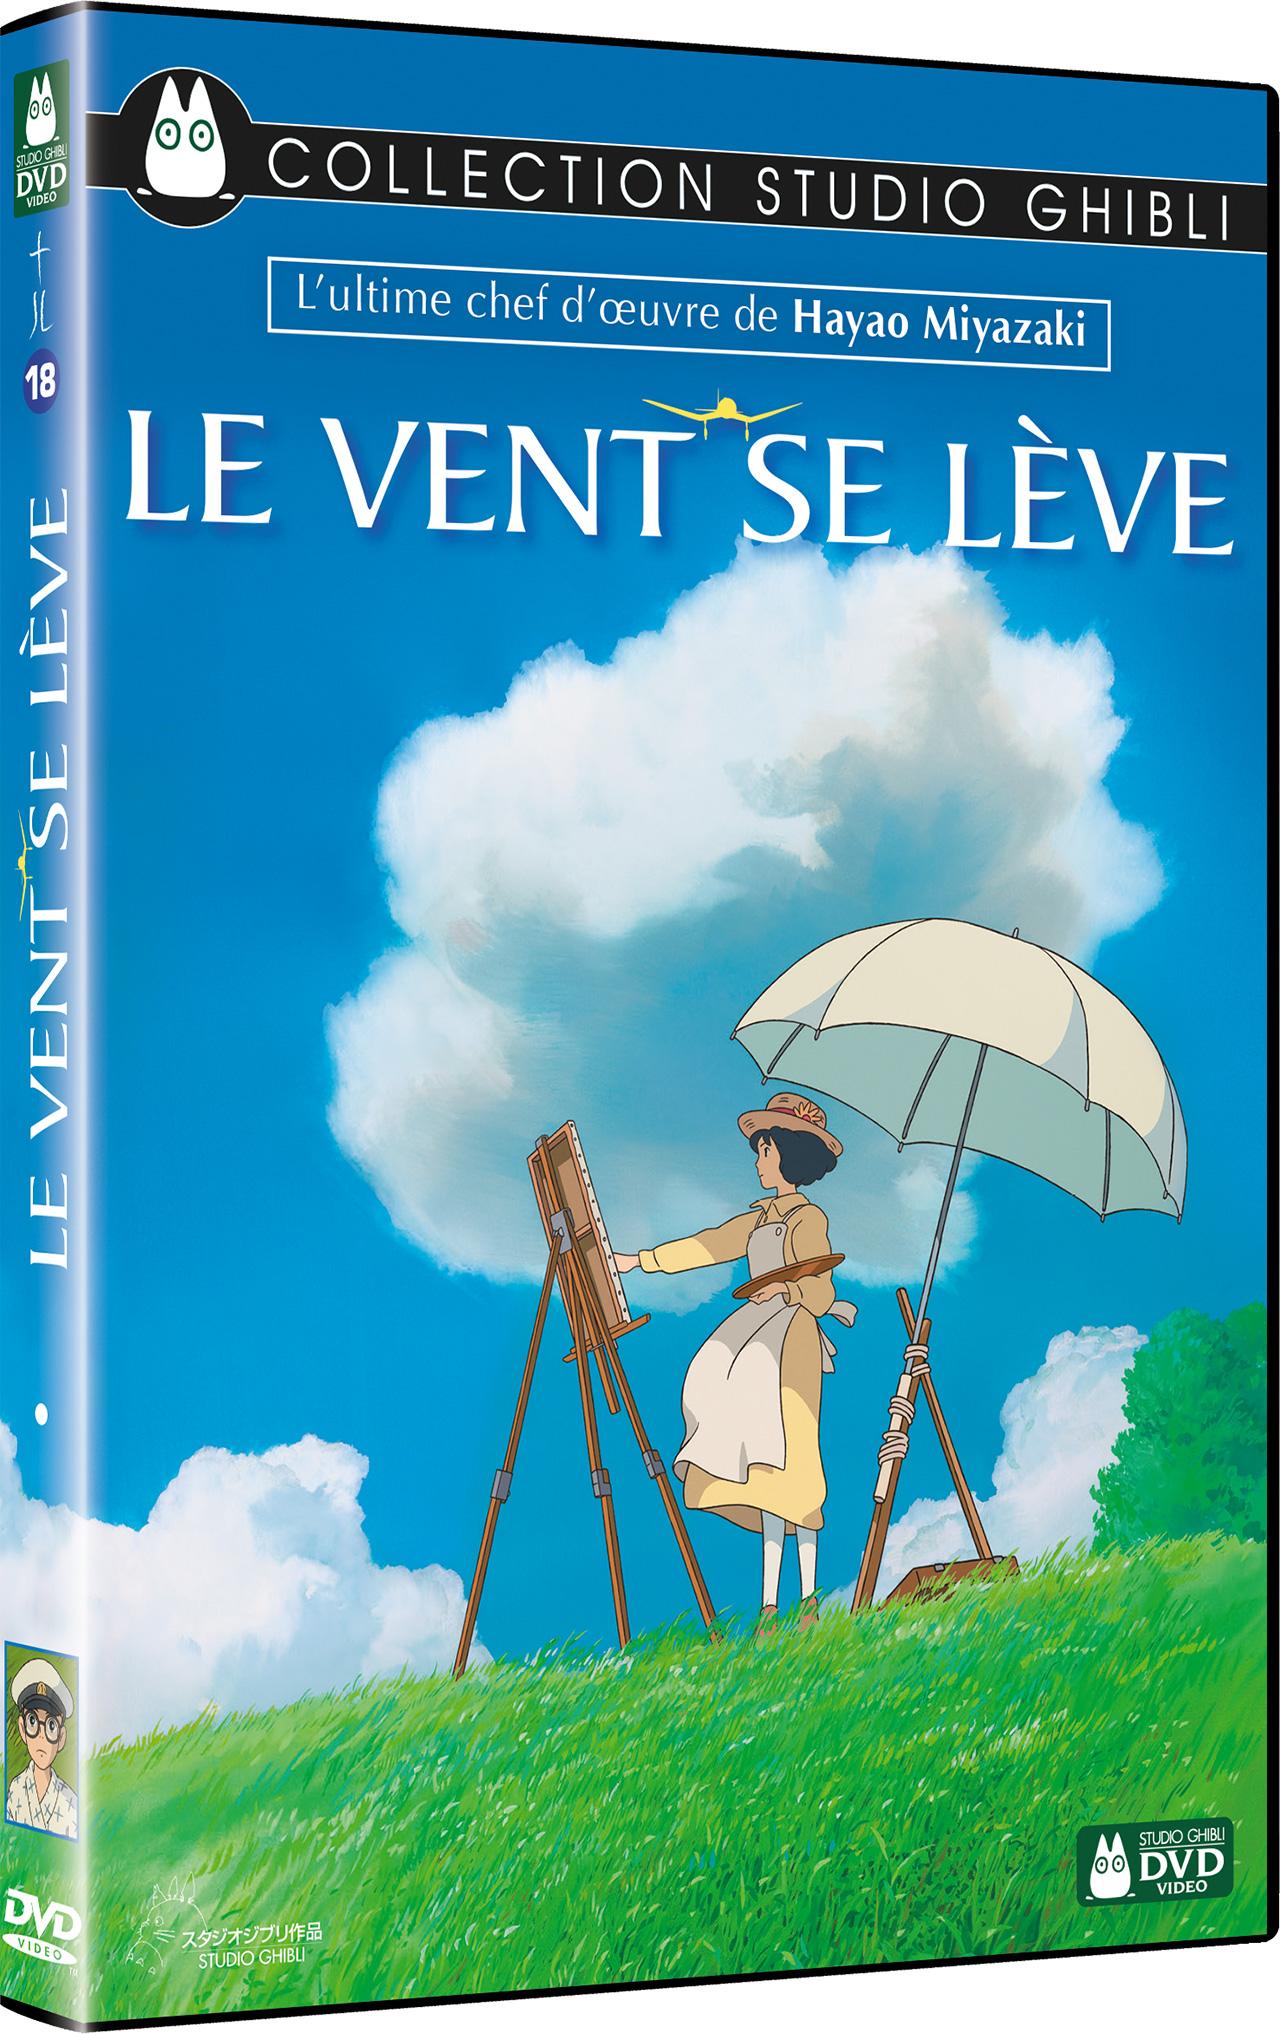 Le vent se lève de Hayao Miyazaki- DVD